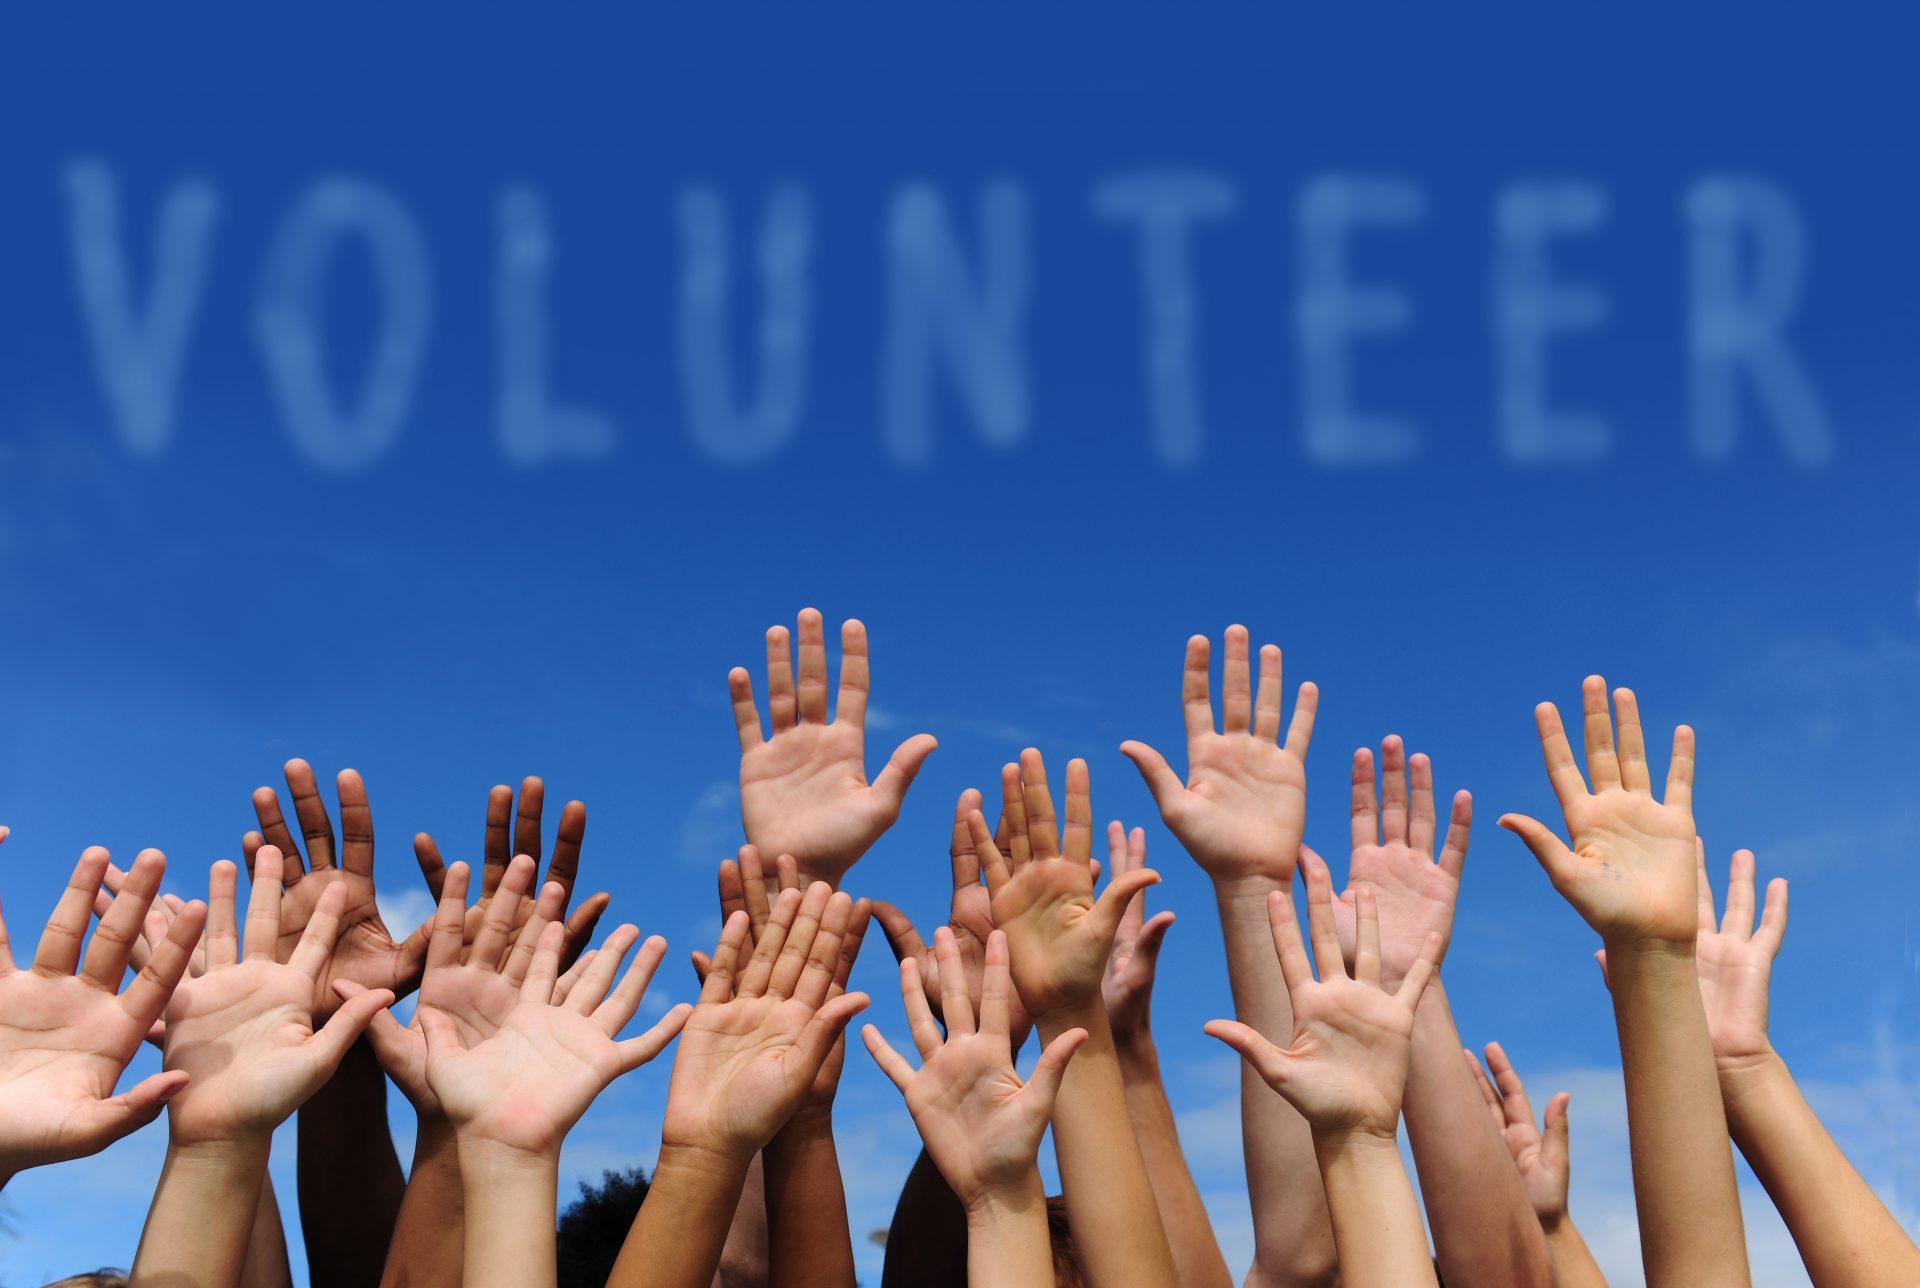 Volunteer written in clouds above hands